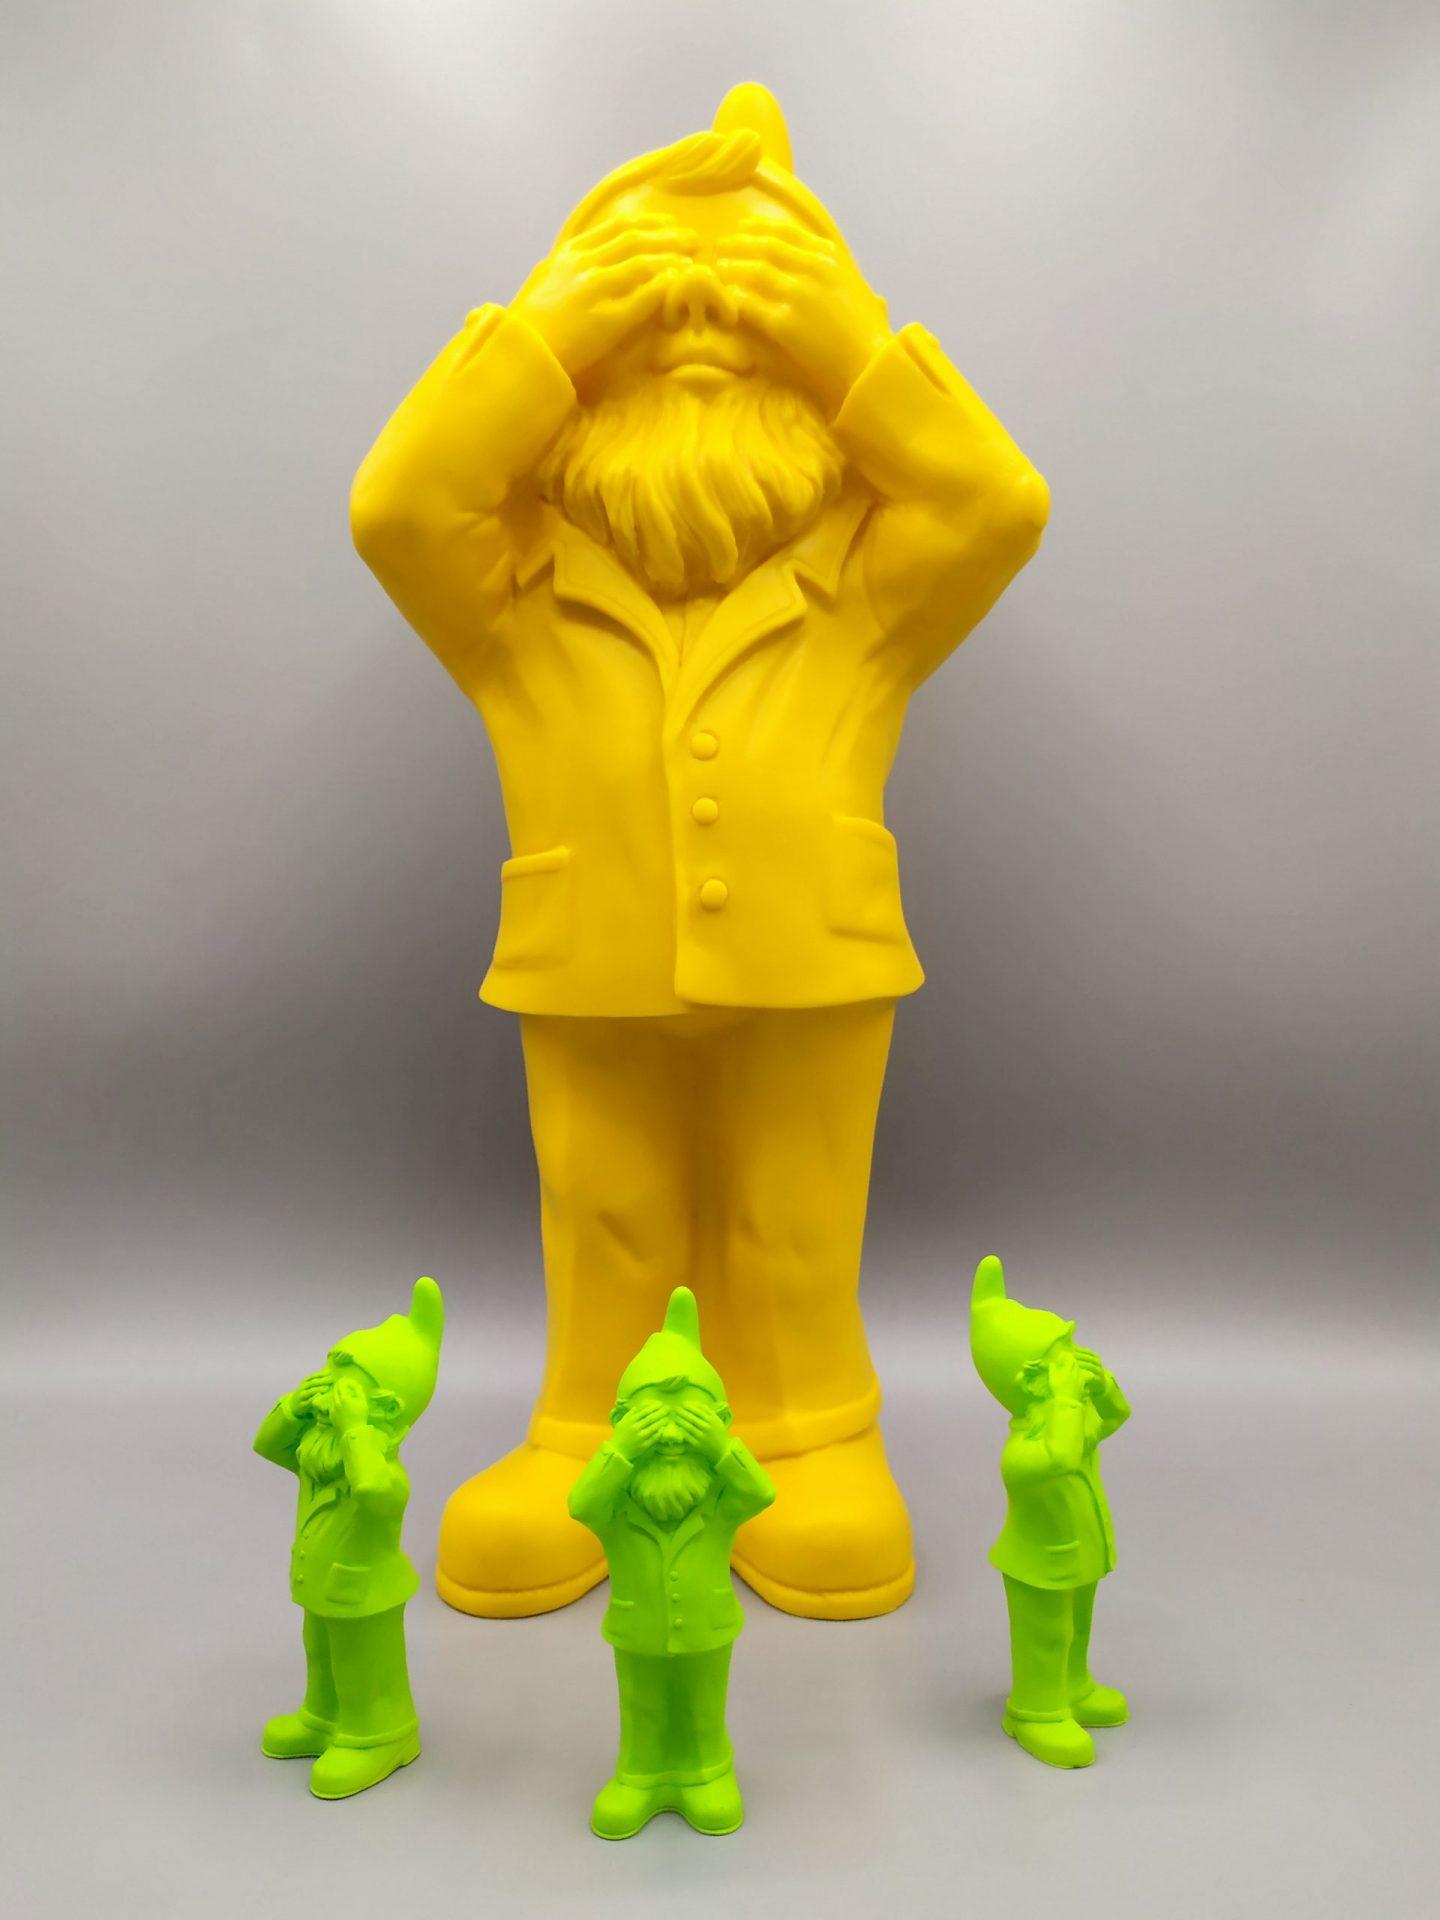 Image représentant des impressions 3D en résine après un scan 3D de la sculpture originale